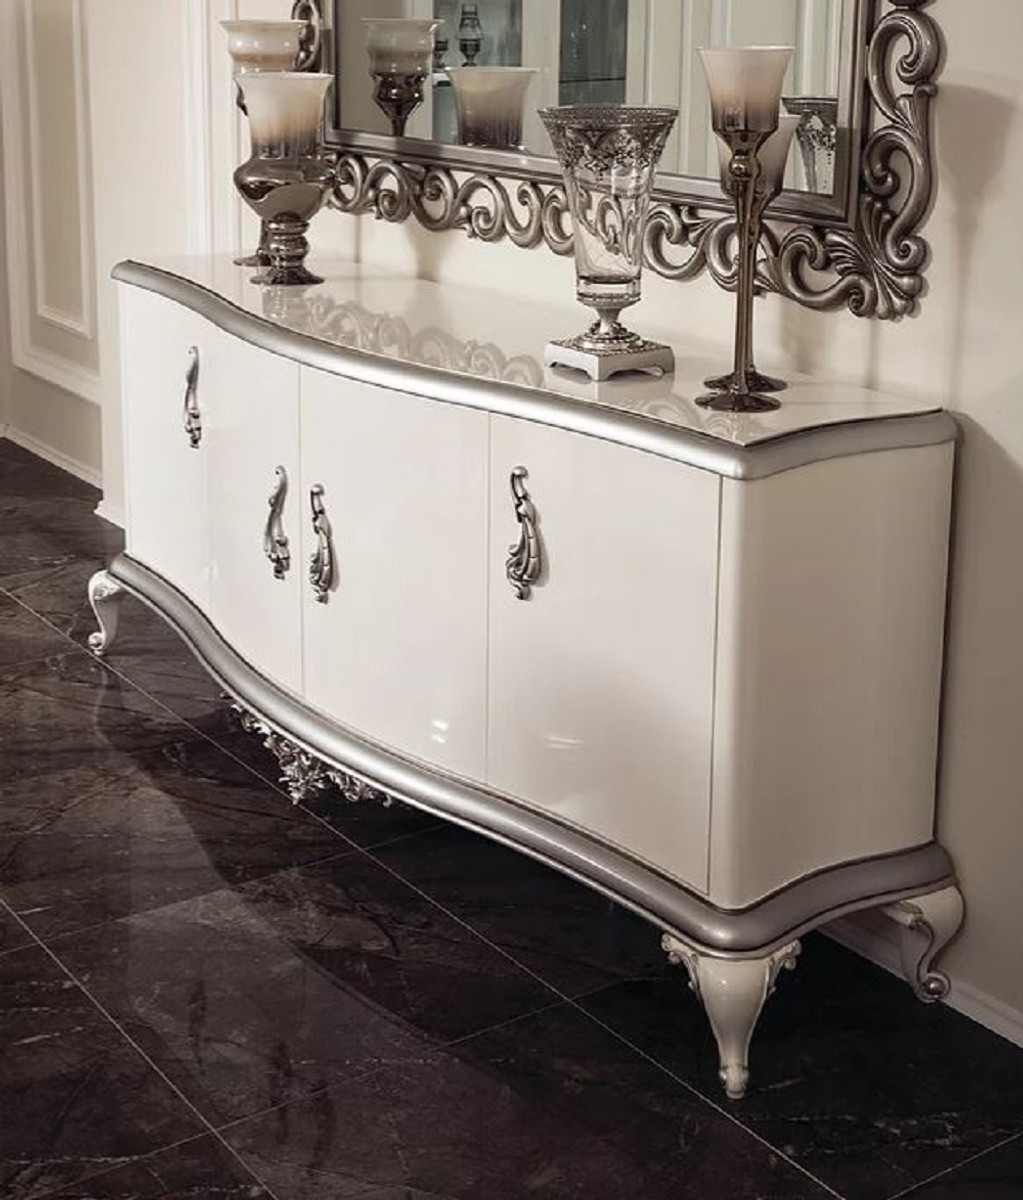 casa padrino buffet baroque de luxe blanc argent 207 x 54 x h 90 cm armoire en bois massif noble avec 4 portes meubles de style baroque